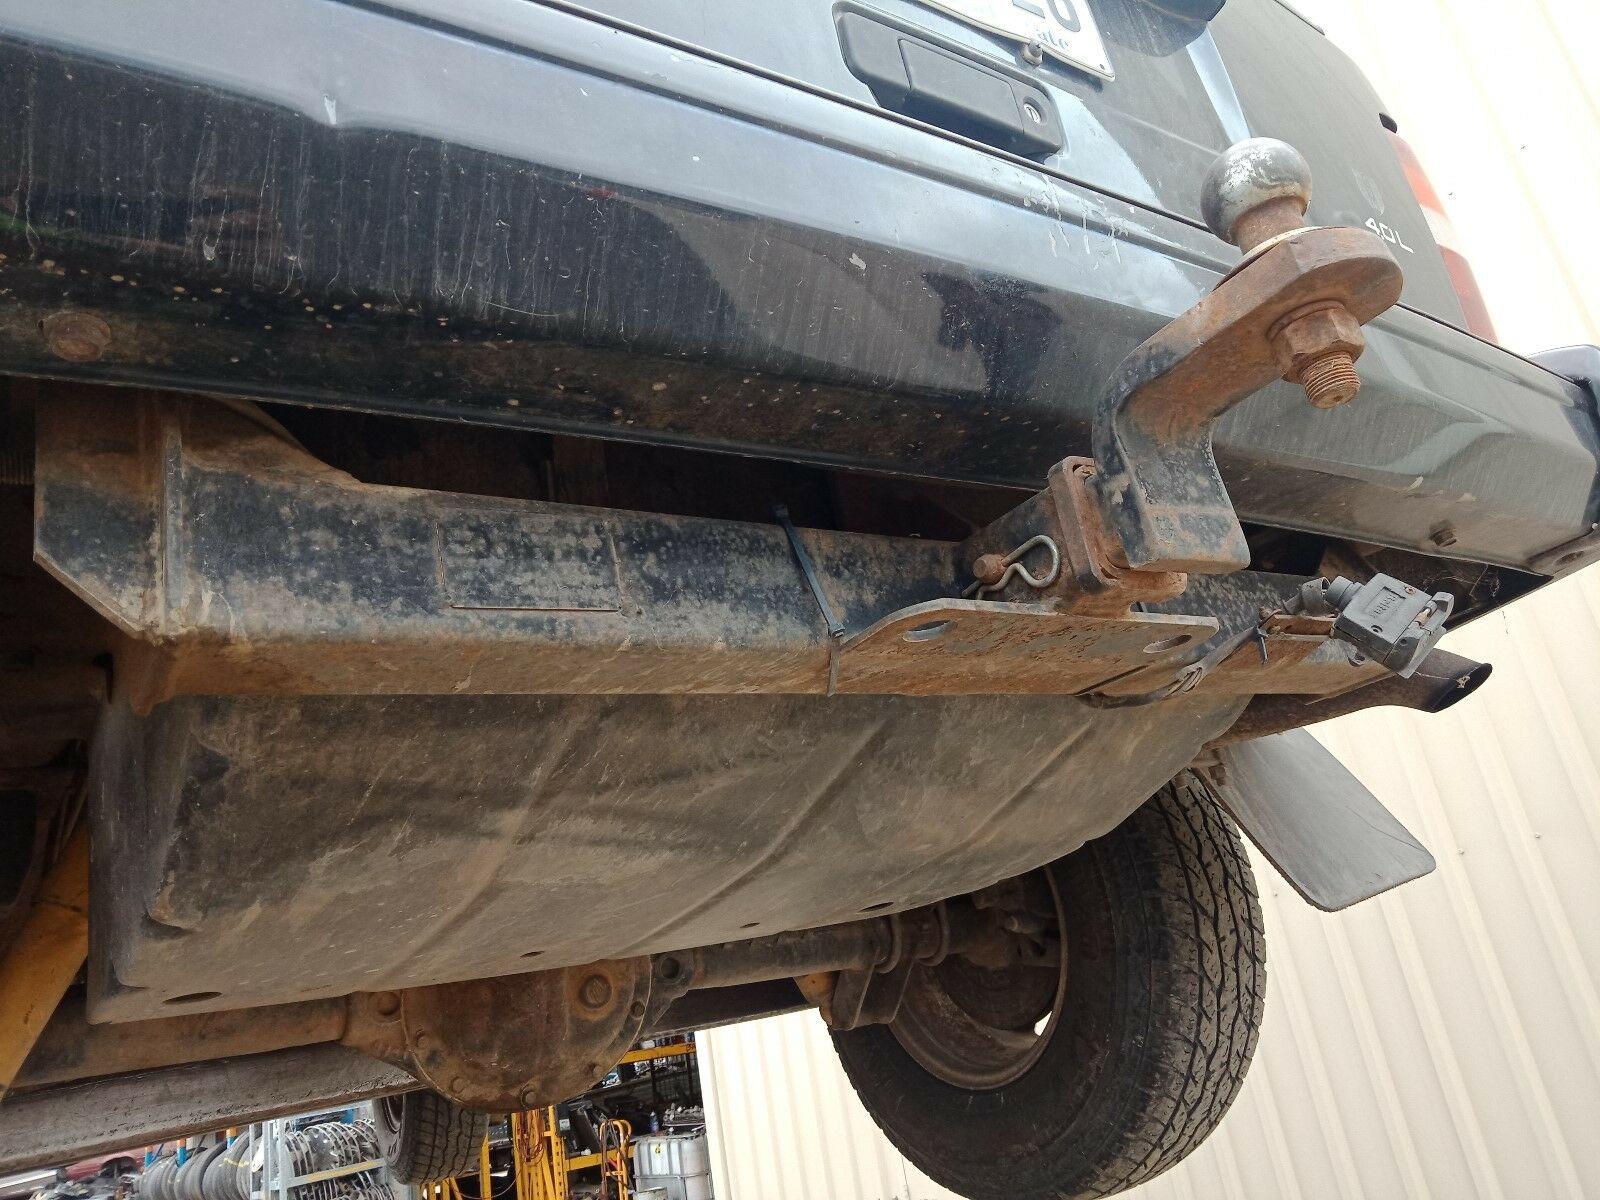 Chrysler Xj Jeep Cherokee Tow Bar Towbar Allmake Auto Wreckers